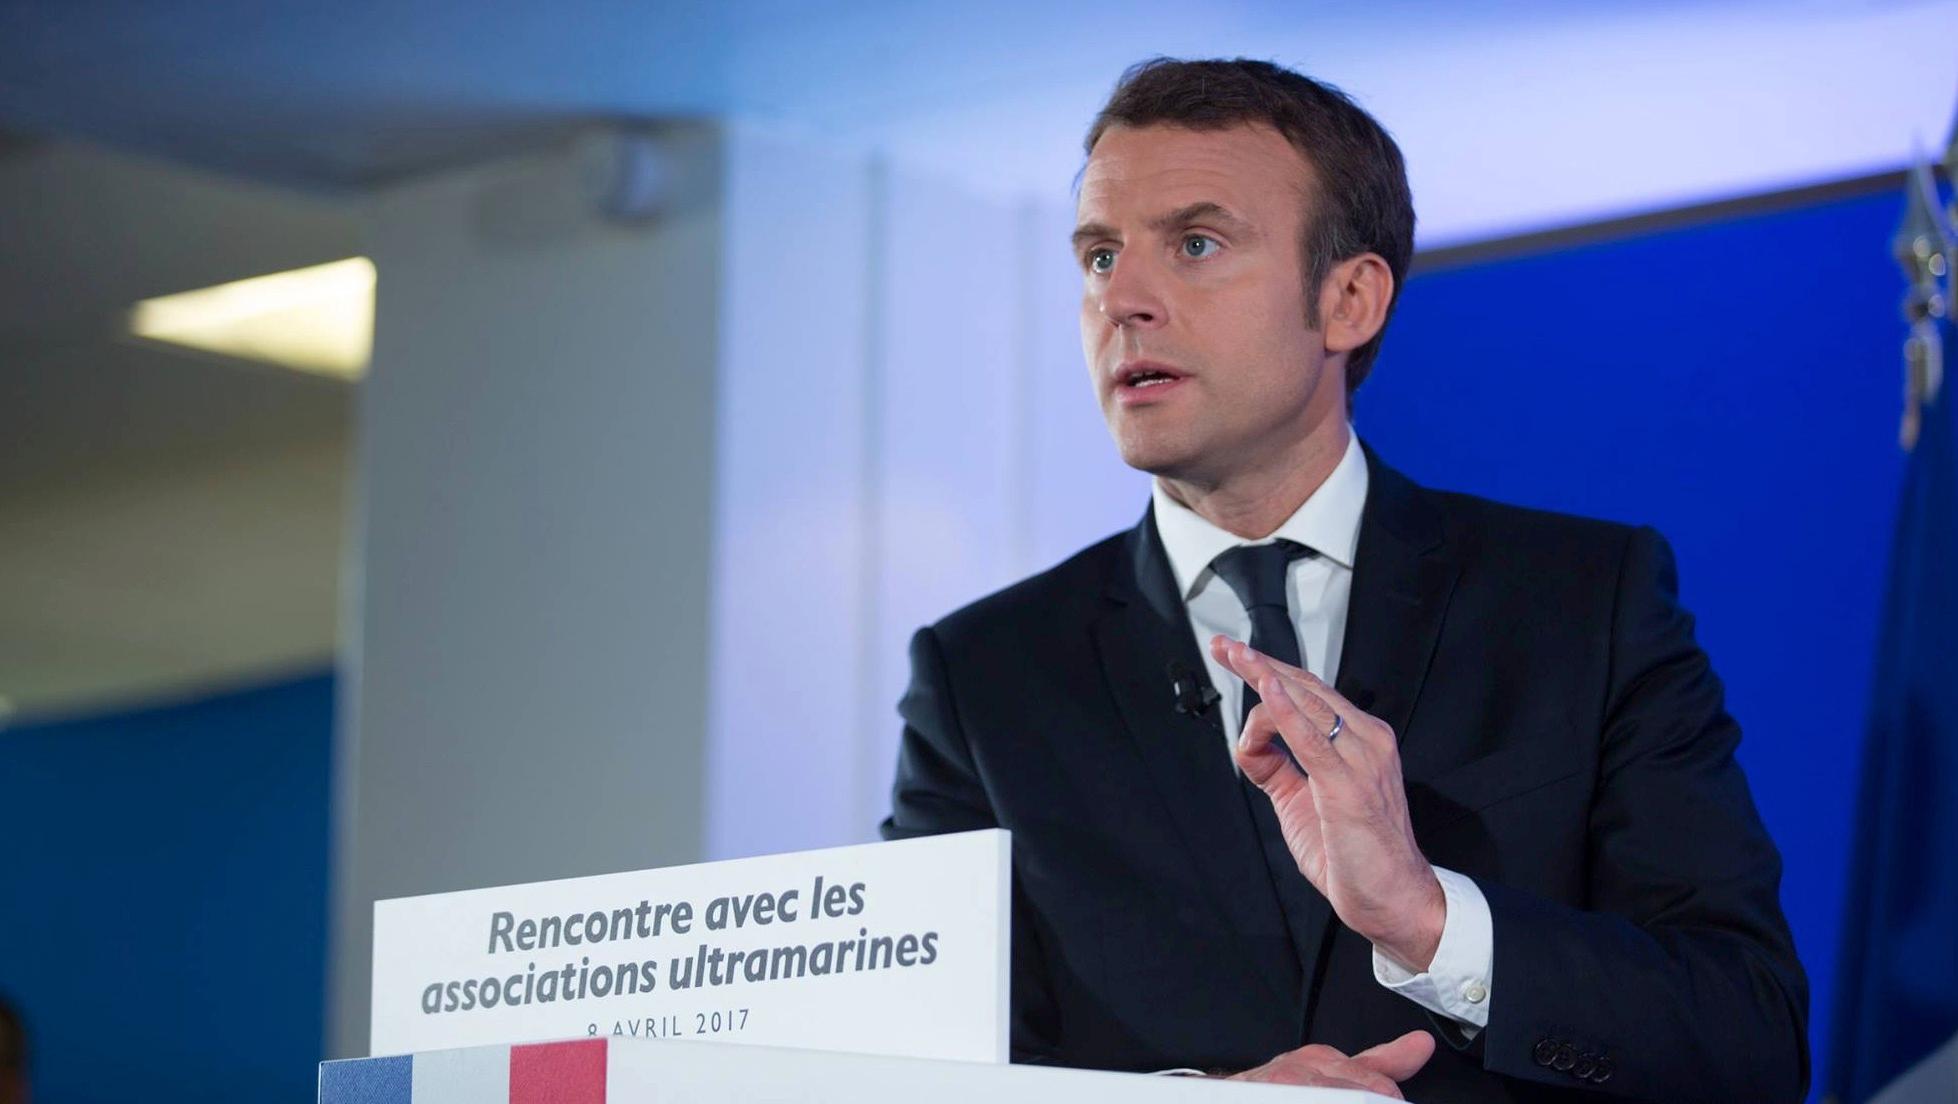 Emmanuel Macron en visite près de chez nous